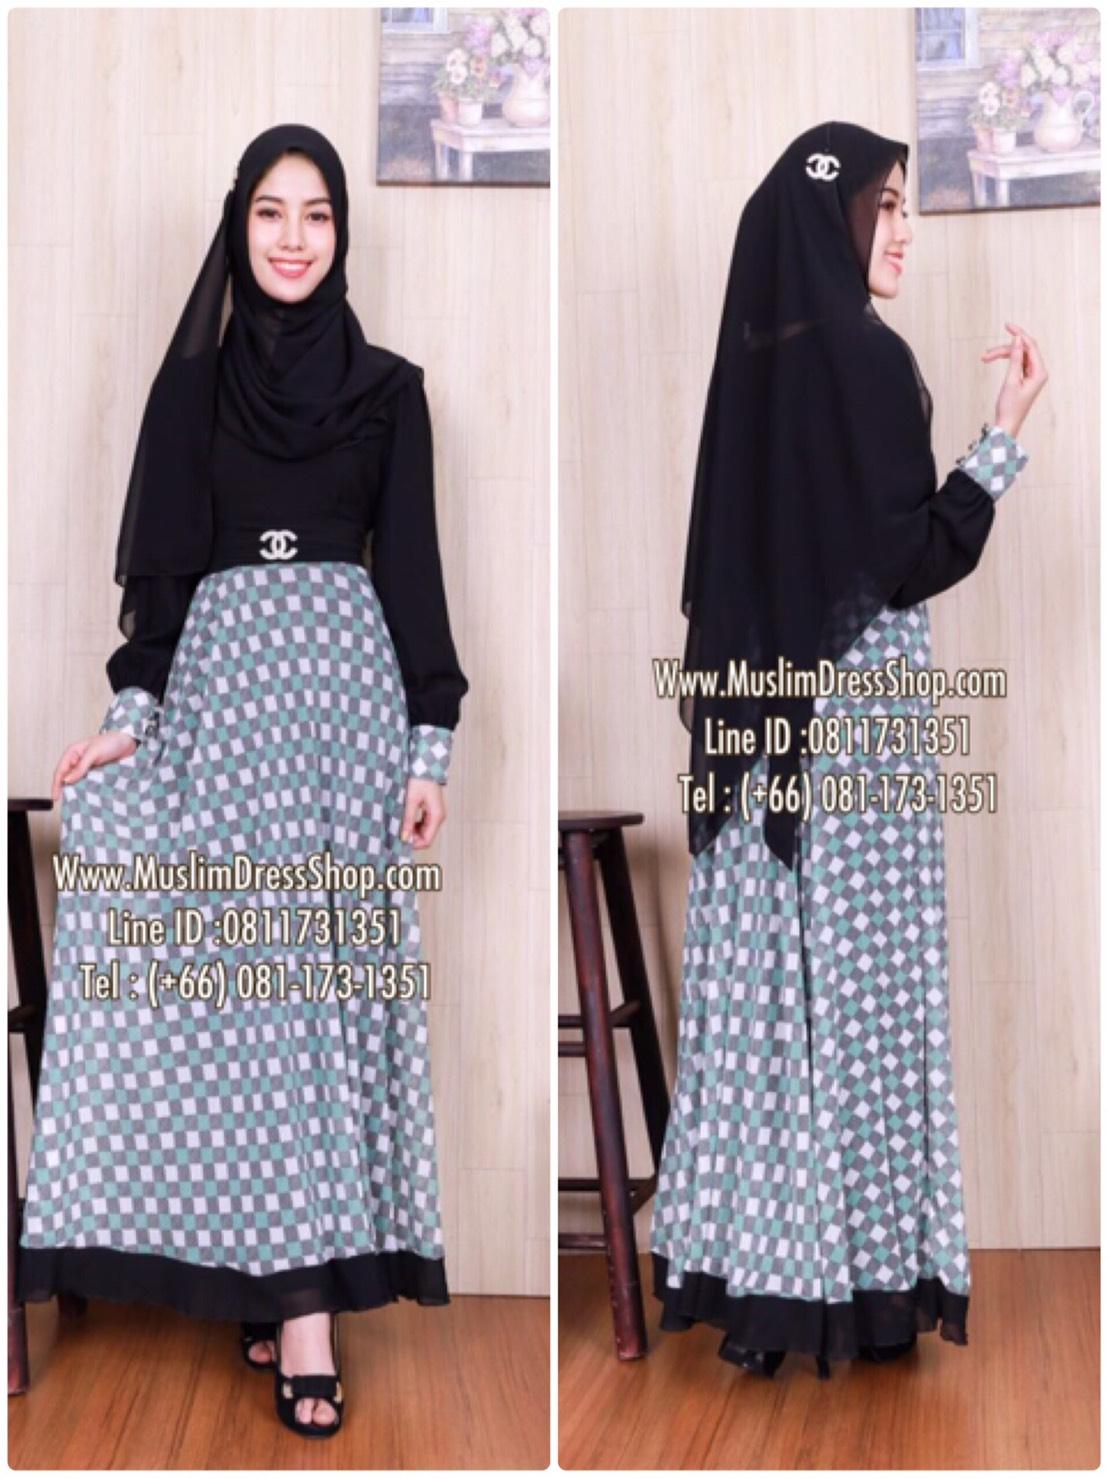 ชุดเดรสมุสลิมแฟชั่นสวยๆ MuslimDressShop by HaRiThah S. HaRiThah S จำหน่าย เดรสมุสลิมไซส์พิเศษ ชุดมุสลิม, เดรสยาว, เสื้อผ้ามุสลิม, ชุดอิสลาม, ชุดอาบายะ. ชุดมุสลิมสวยๆ เสื้อผ้าแฟชั่นมุสลิม ชุดมุสลิมออกงาน ชุดมุสลิมสวยๆ ชุด มุสลิม สวย ๆ ชุด มุสลิม ผู้หญิง ชุดมุสลิม ชุดมุสลิมหญิง ชุด มุสลิม หญิง ชุด มุสลิม หญิง เสื้อผ้ามุสลิม ชุดไปงานมุสลิม ชุดมุสลิม แฟชั่น สินค้าแฟชั่นมุสลิมเสื้อผ้าเดรสมุสลิมสวยๆงามๆ ... เดรสมุสลิม แฟชั่นมุสลิม, เดเดรสมุสลิม, เสื้ออิสลาม,เดรสใส่รายอ แฟชั่นมุสลิม ชุดมุสลิมสวยๆ จำหน่ายผ้าคลุมฮิญาบ ฮิญาบแฟชั่น เดรสมุสลิม แฟชั่นมุสลิแฟชั่นมุสลิม ชุดมุสลิมสวยๆ เสื้อผ้ามุสลิม แฟชั่นเสื้อผ้ามุสลิม เสื้อผ้ามุสลิมะฮ์ ผ้าคลุมหัวมุสลิม ร้านเสื้อผ้ามุสลิม แหล่งขายเสื้อผ้ามุสลิม เสื้อผ้าแฟชั่นมุสลิม แม็กซี่เดรส ชุดราตรียาว เดรสชายหาด กระโปรงยาว ชุดมุสลิม ชุดเครื่องแต่งกายมุสลิม ชุดมุสลิม เดรส ผ้าคลุม ฮิญาบ ผ้าพัน เดรสยาวอิสลาม - จำหน่ายเสื้อผ้าแฟชั่นมุสลิม ผ้าคลุมฮิญาบ แฟชั่นมุสลิม แฟชั่นวัยรุ่นมุสลิม แฟชั่นมุสลิมเท่ๆ,แฟชั่นมุสลิมน่ารัก, เดรสมุสลิม, แฟชั่นคนอ้วน, แฟชั่นสไตล์เกาหลี ,กระเป๋าแฟชั่นนำเข้า,เดรสผ้าลูกไม้ ,เดรสสไตล์โบฮีเมียน , เดรสเกาหลี ,เดรสสวย,เดรสยาว, เดรสมุสลิม, แฟชั่นมุสลิม, เสื้อตัวยาว, เดรสแฟชั่นเกาหลี,แฟชั่นเดรสแขนยาว, เดรสอิสลามถูกๆ,ชุดเดรสอิสลาม, Dress Islam Fashion,ชุดมุสลิมสำหรับสาวไซส์พิเศษ,เครื่องแต่งกายของสุภาพสตรีมุสลิม, ฮิญาบ, ผ้าคลุมสวย ๆ,ชุดมุสลิมสวยๆ, Islamic Dresses - Arabic style,สินค้าเสื้อผ้าแฟชั่นมุสลิม, เดรสมุสลิมสวยๆ, เดรสมุสลิมไซส์พิเศษ XL,เดรสมุสลิม เสื้อผ้ามุสลิม ชุดมุสลิมไซส์ใหญ่พิเศษ ชุดเดรสมุสลิม แฟชั่นมุสลิม, เดรสมุสลิม, เสื้ออิสลาม,เดรสยาว,ชุดอาบายะ ชุดมุสลิม, เดรสยาว, เสื้อผ้ามุสลิม, ชุดอิสลาม, ชุดอาบายะ,แฟชั่นมุสลิม ชุดมุสลิมสวยๆ จำหน่ายผ้าคลุมฮิญาบ ฮิญาบแฟชั่น เดรสมุสลิม แฟชั่นมุสลิมแฟชั่น แหล่งขายเสื้อผ้ามุสลิม เสื้อผ้าแฟชั่นมุสลิม แม็กซี่เดรส ชุดราตรียาว เดรสชายหาด เดรสมุสลิมราคาถูก,เดรส มุสลิมสวยๆราคาถูกที่สุด,ชุดเดรสมุสลิมสวยๆ ชุดเดรสแบรนด์มุสลิม,ชุดเดรสมุสลิม,แม็กซี่เดรส ชุดราตรียาว เดรสชายหาด กระโปรงยาว,ชุดมุสลิม,เดรสมุสลิมสวยๆราคาถูกที่สุด,เดรสมุสลิมสวยๆ เดรสมุสลิม facebook,เดรสมุสลิมออกงาน,เดรสมุสลิมออกงาน เด